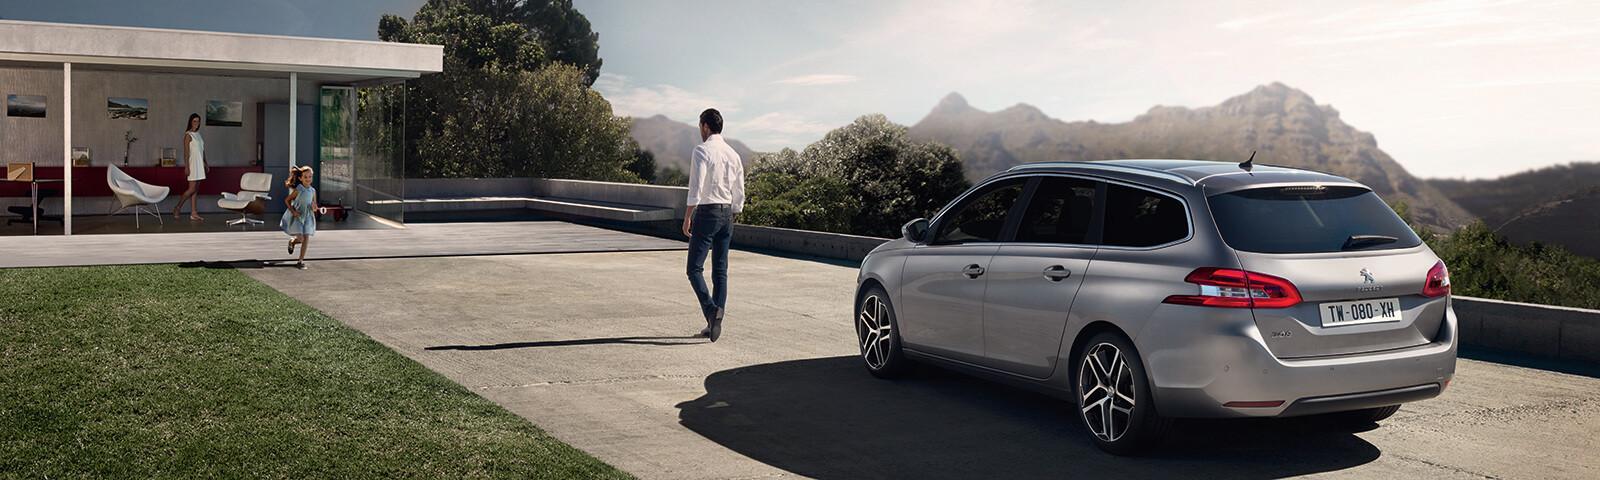 La gama familiar Peugeot se adapta a todos los hogares